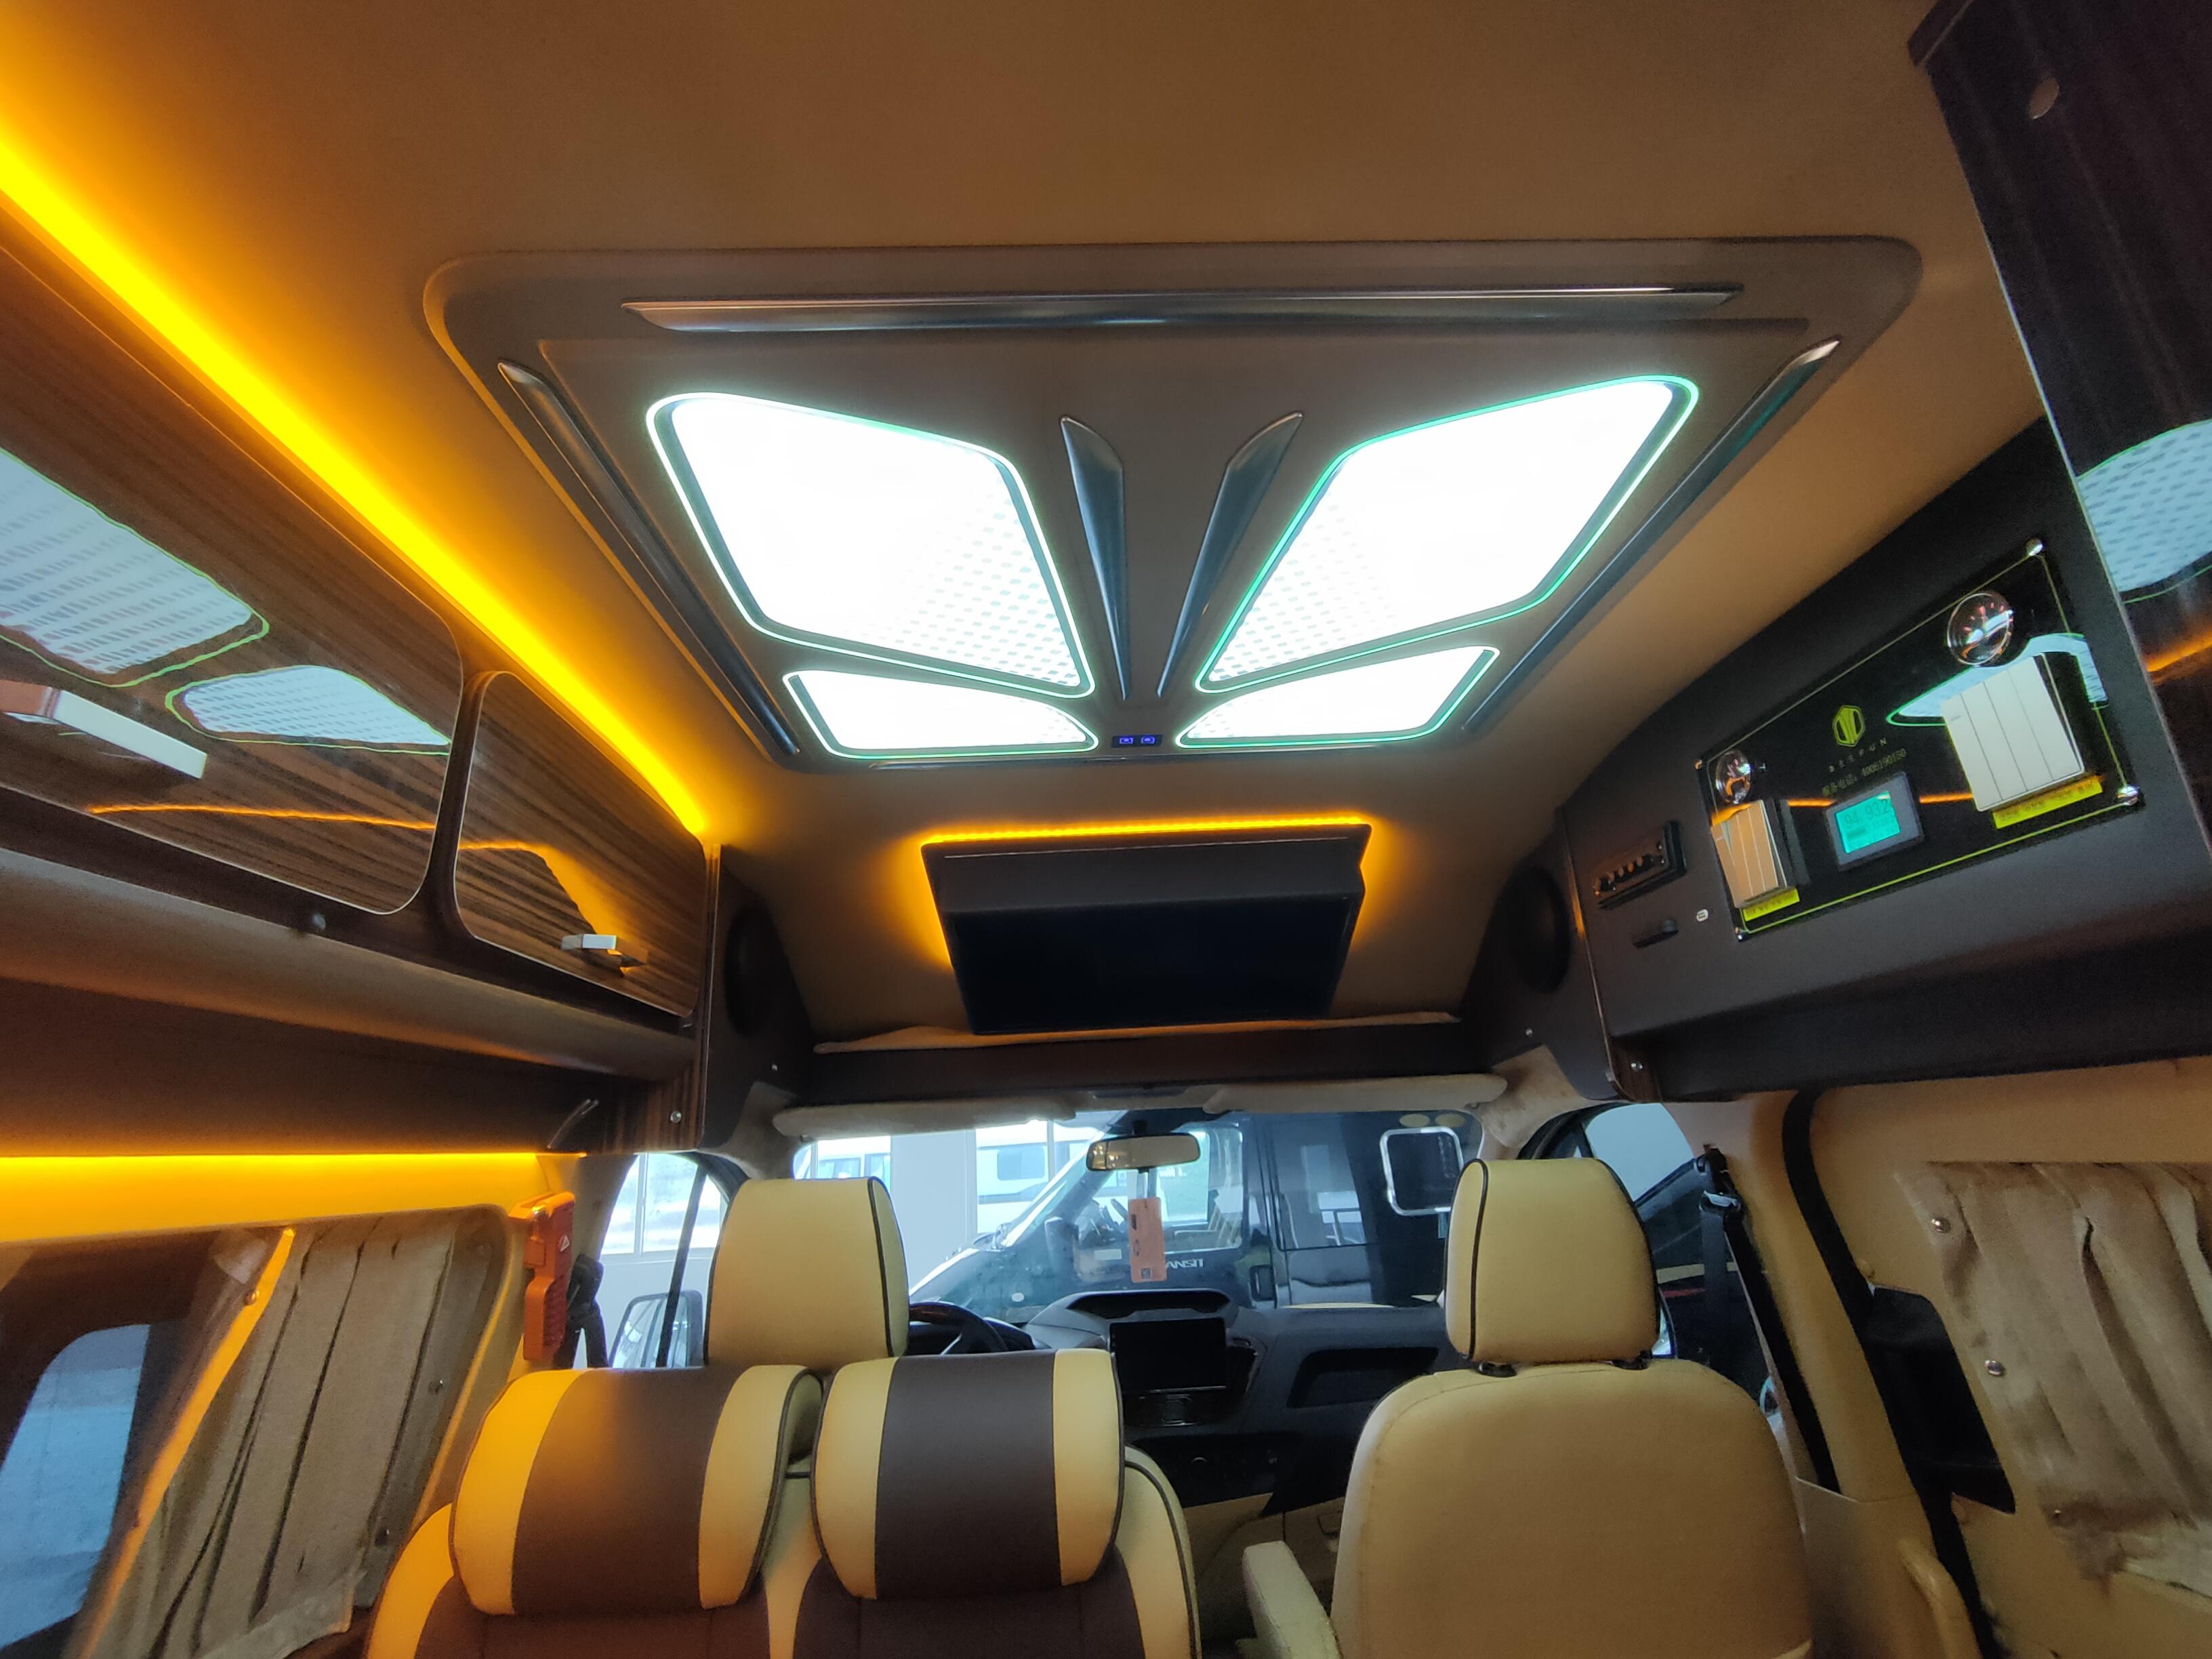 48V电路系统加持,可上京牌汽油自动挡,趣蜂福特新全顺房车